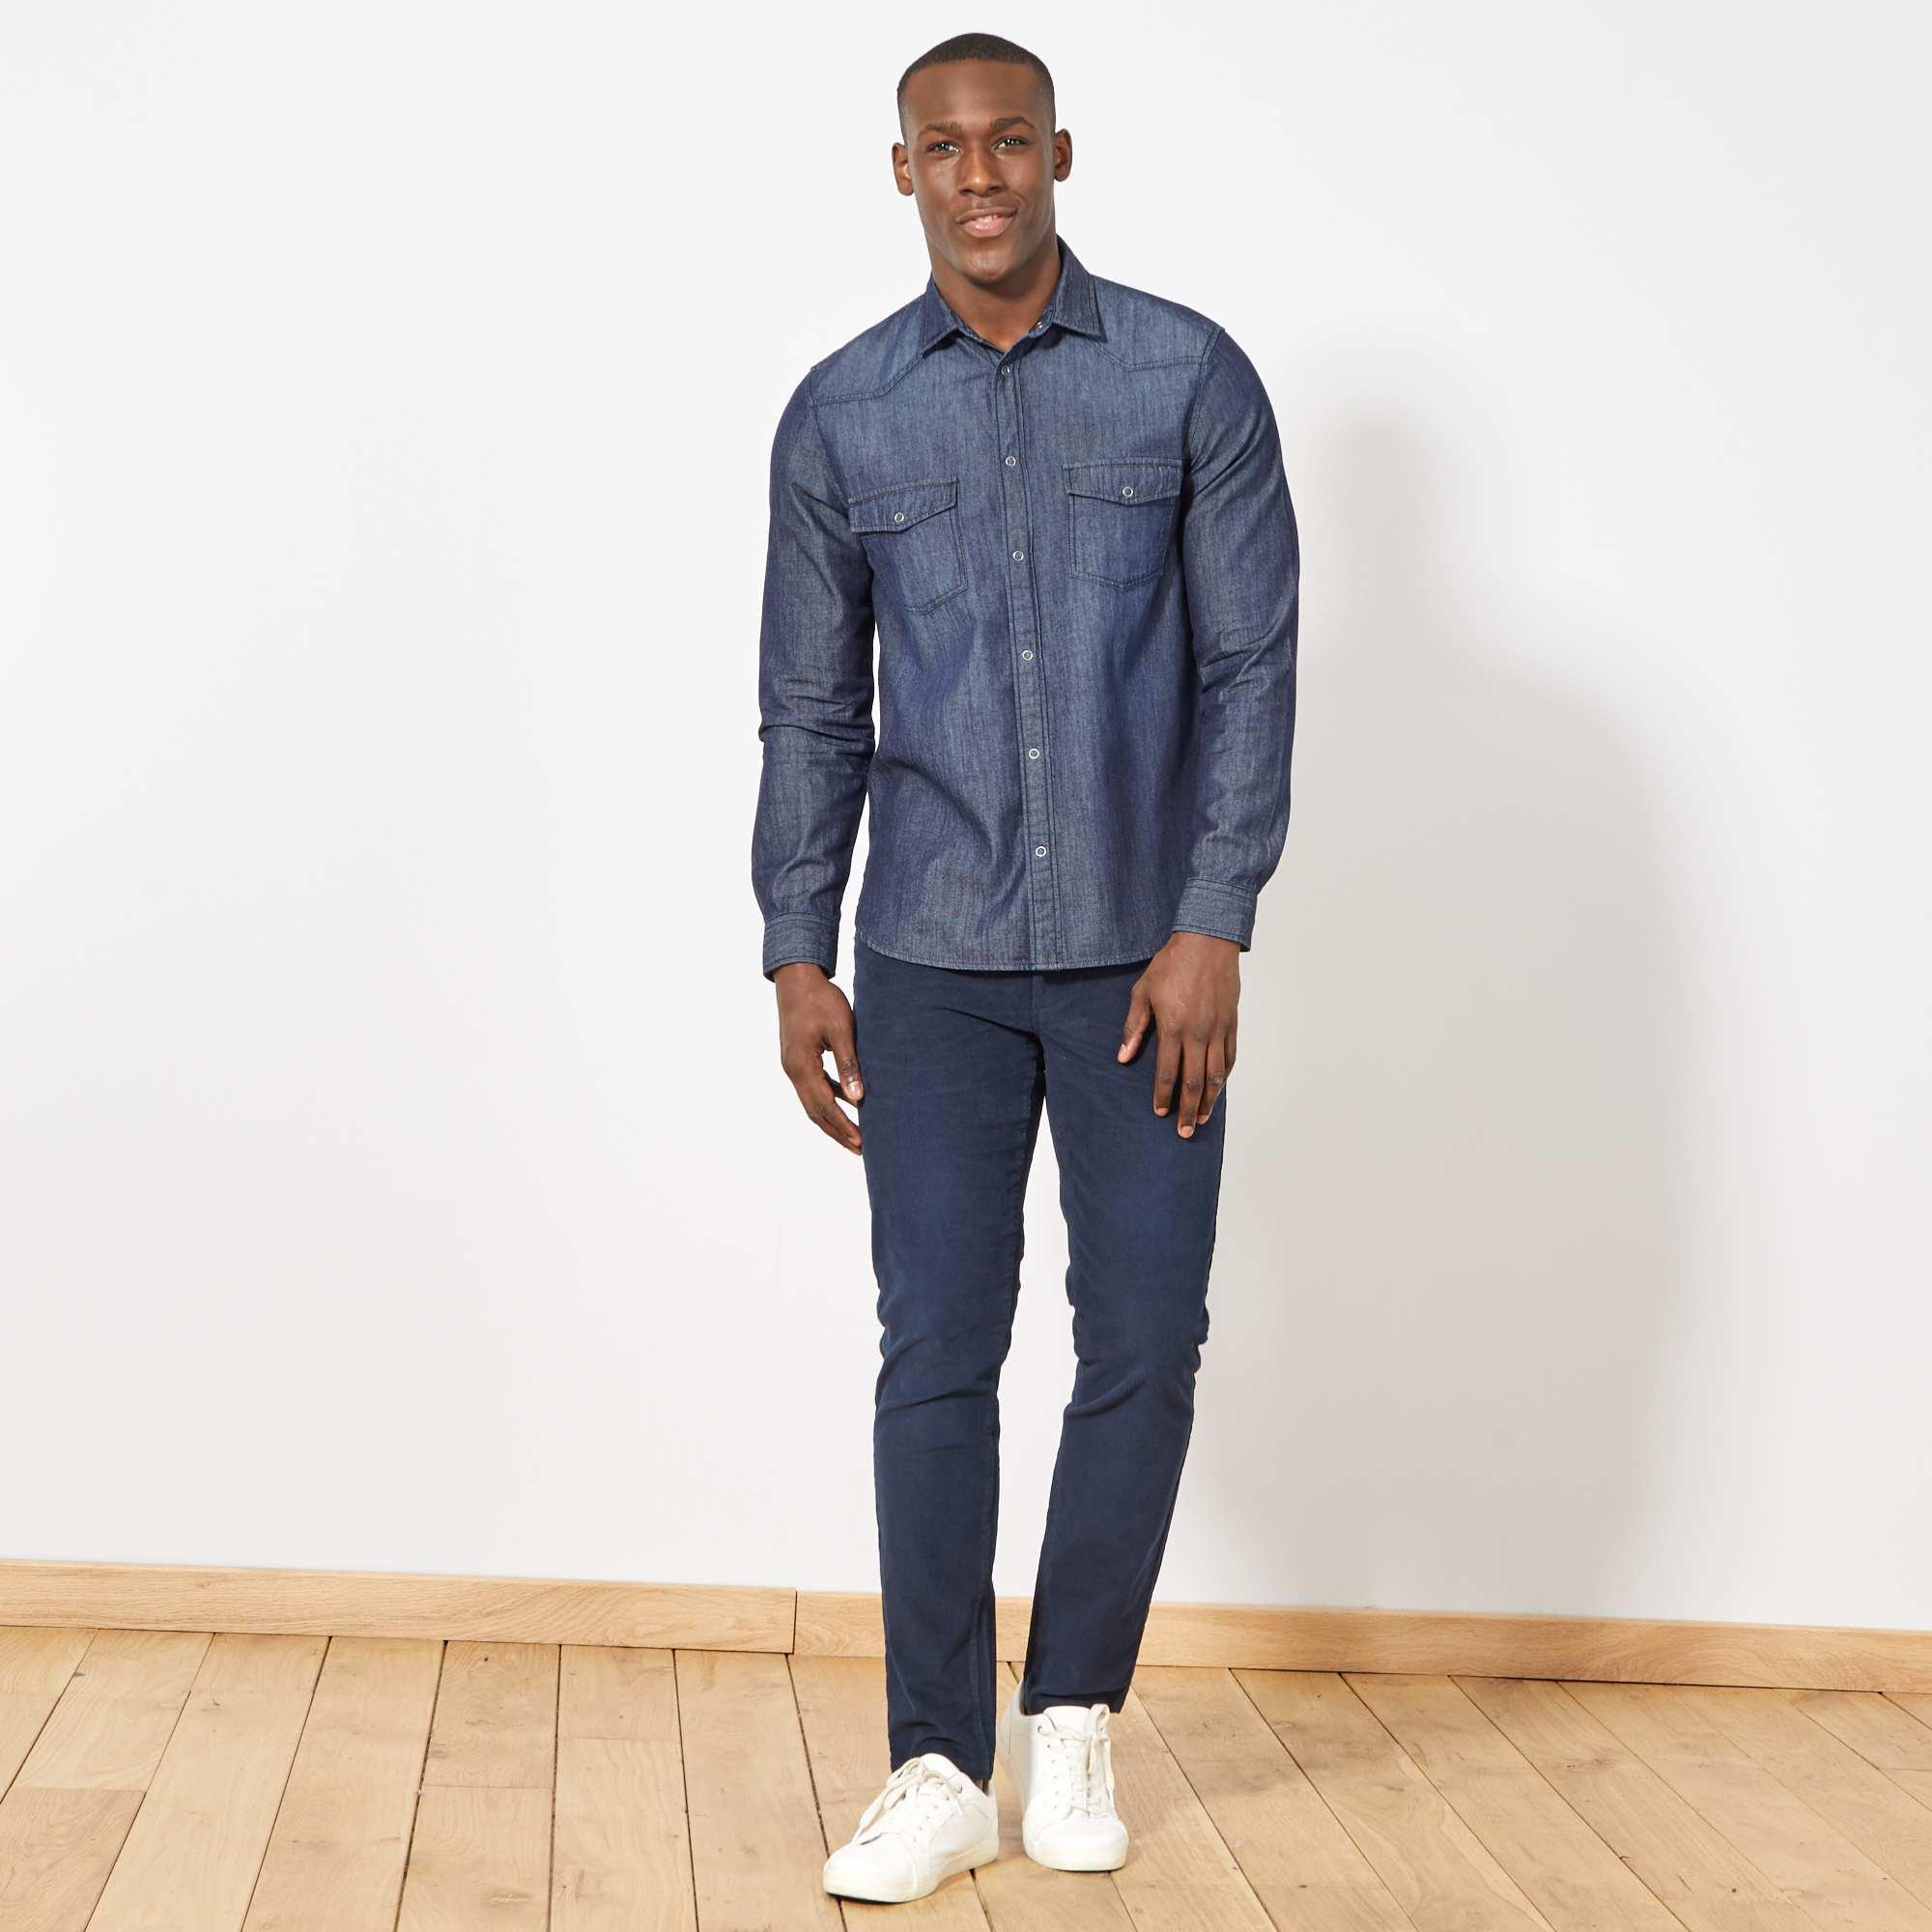 chemise regular en jean homme brut kiabi 15 00. Black Bedroom Furniture Sets. Home Design Ideas